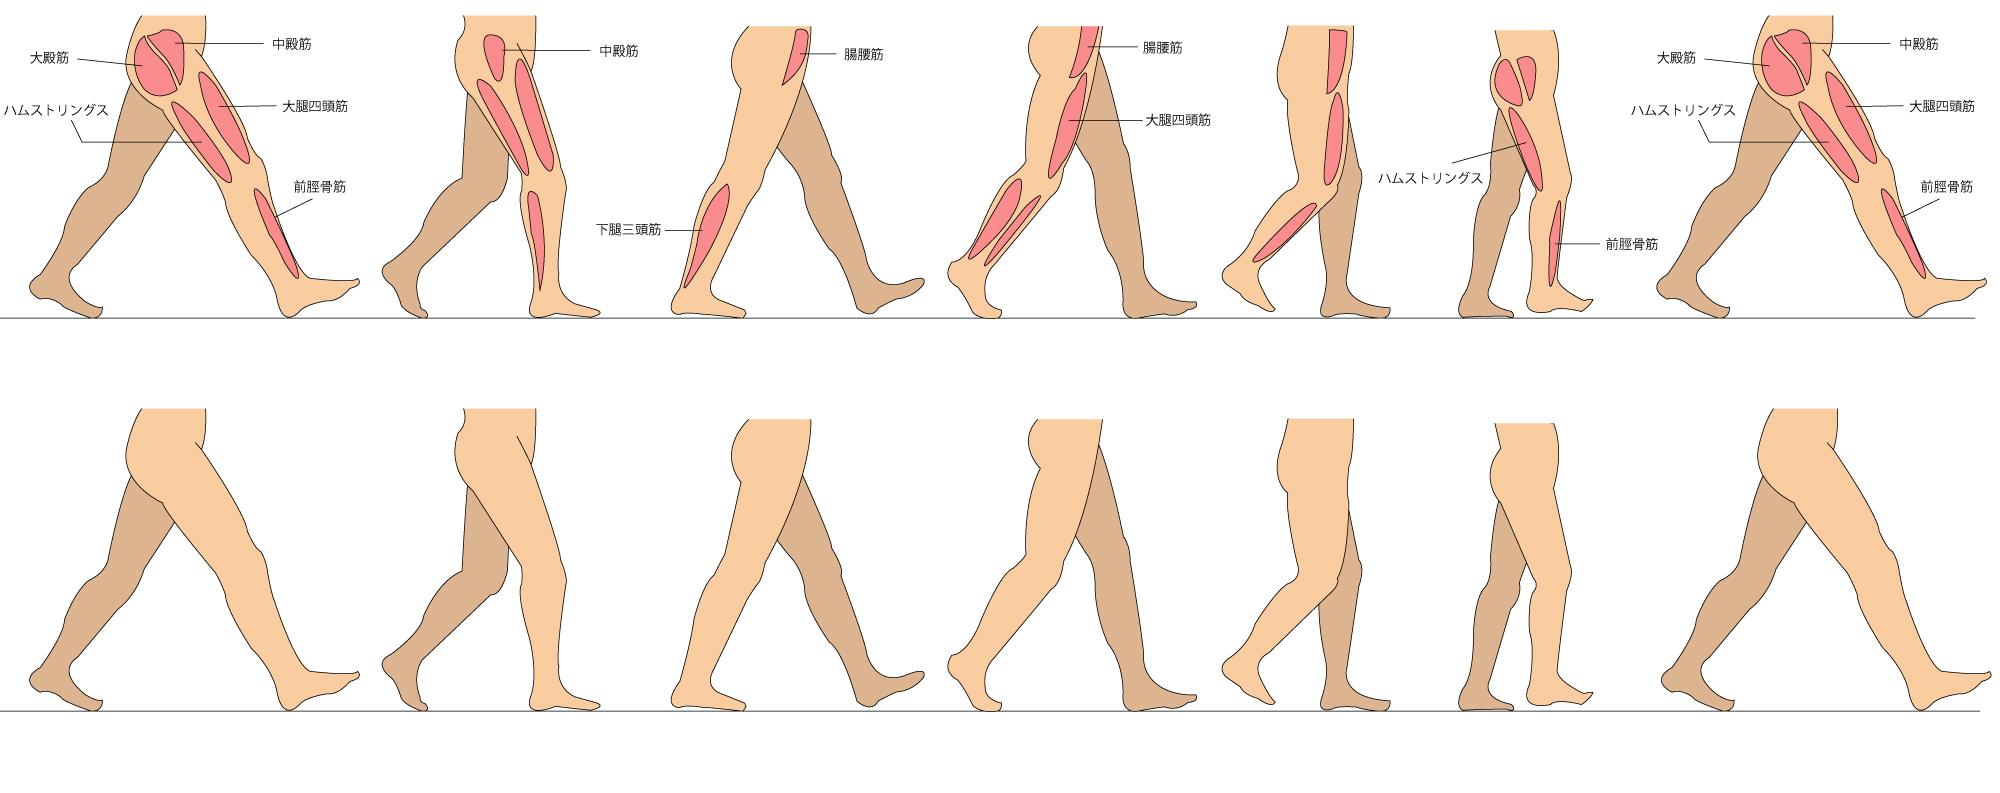 歩行周期 イラスト